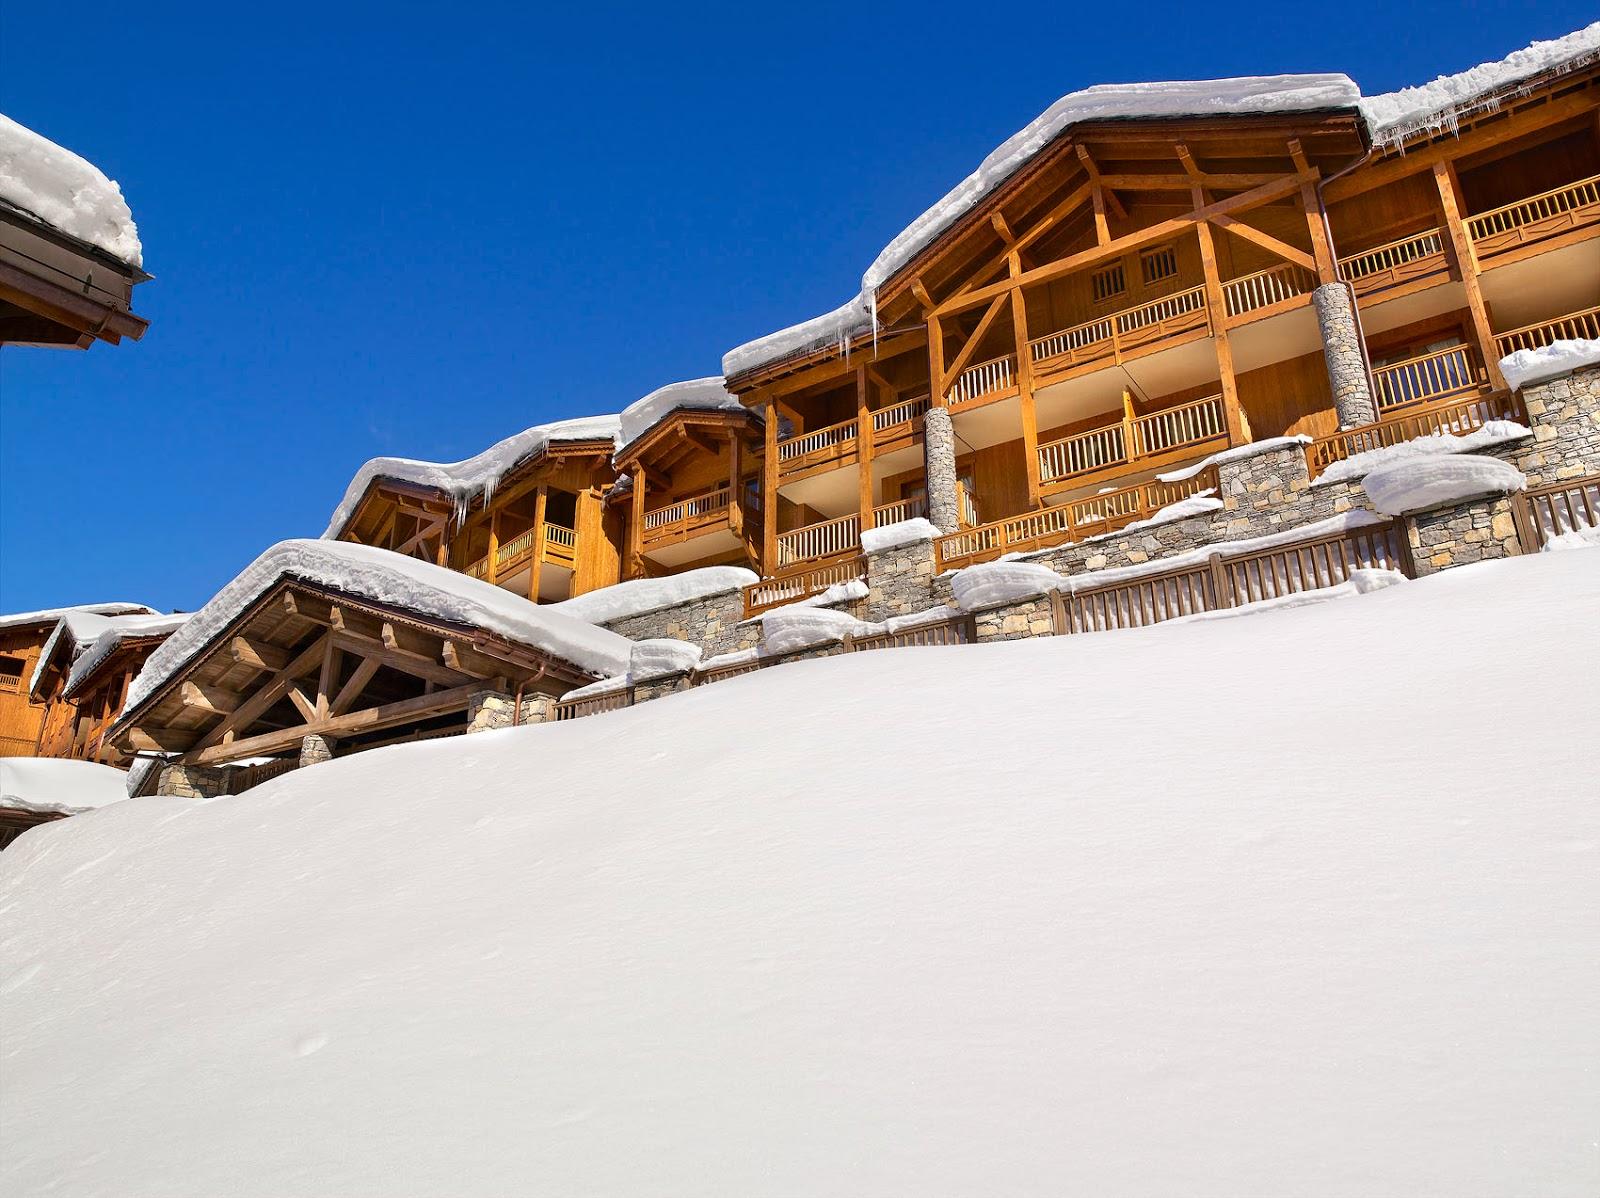 alps chalets, alps accommodation, les fermes de sainte foy, sainte foy, tarentaise